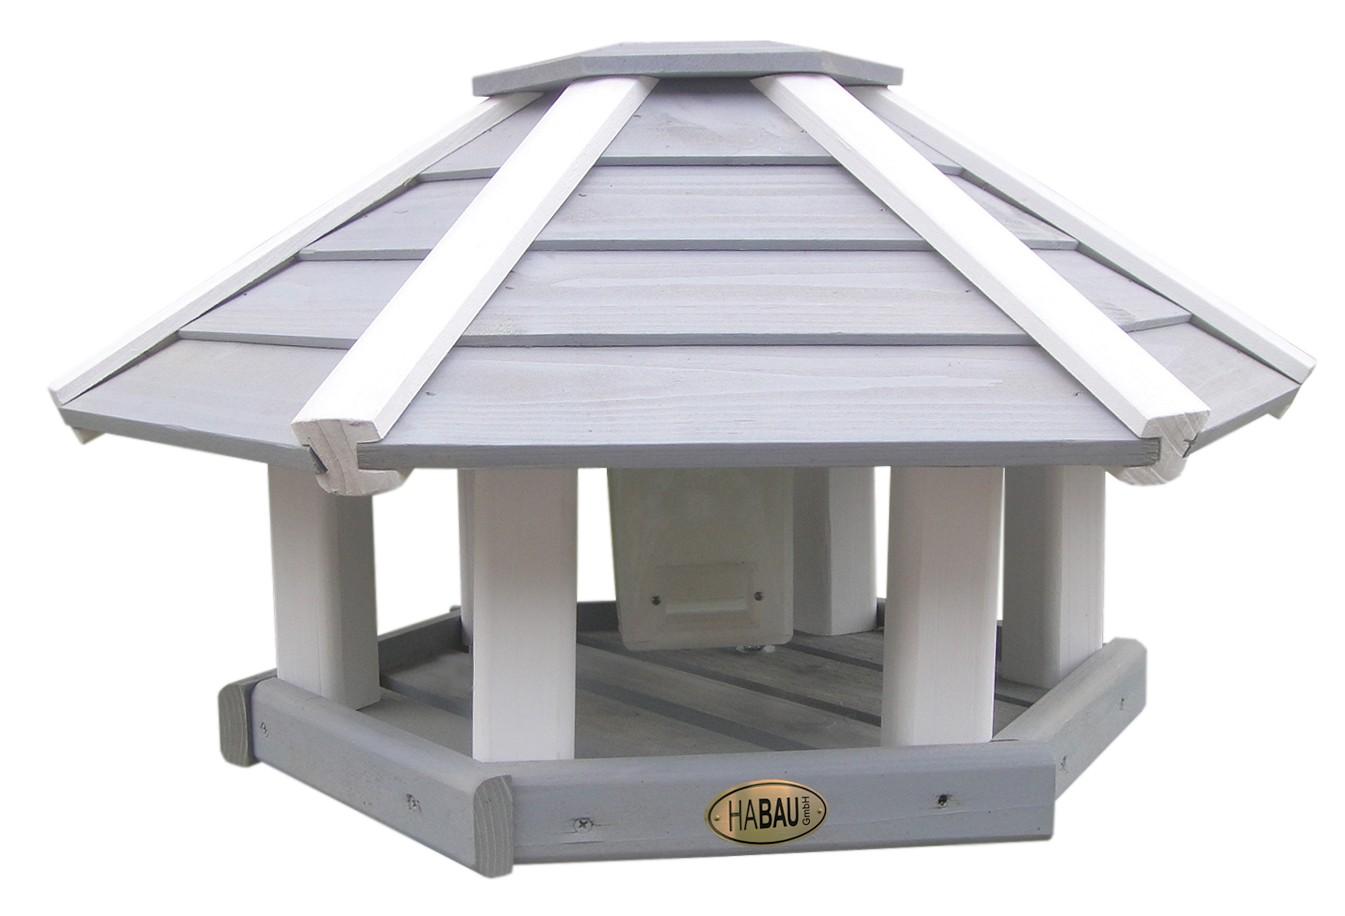 vogelhaus ottawa grau wei mit silo und st nder bei. Black Bedroom Furniture Sets. Home Design Ideas